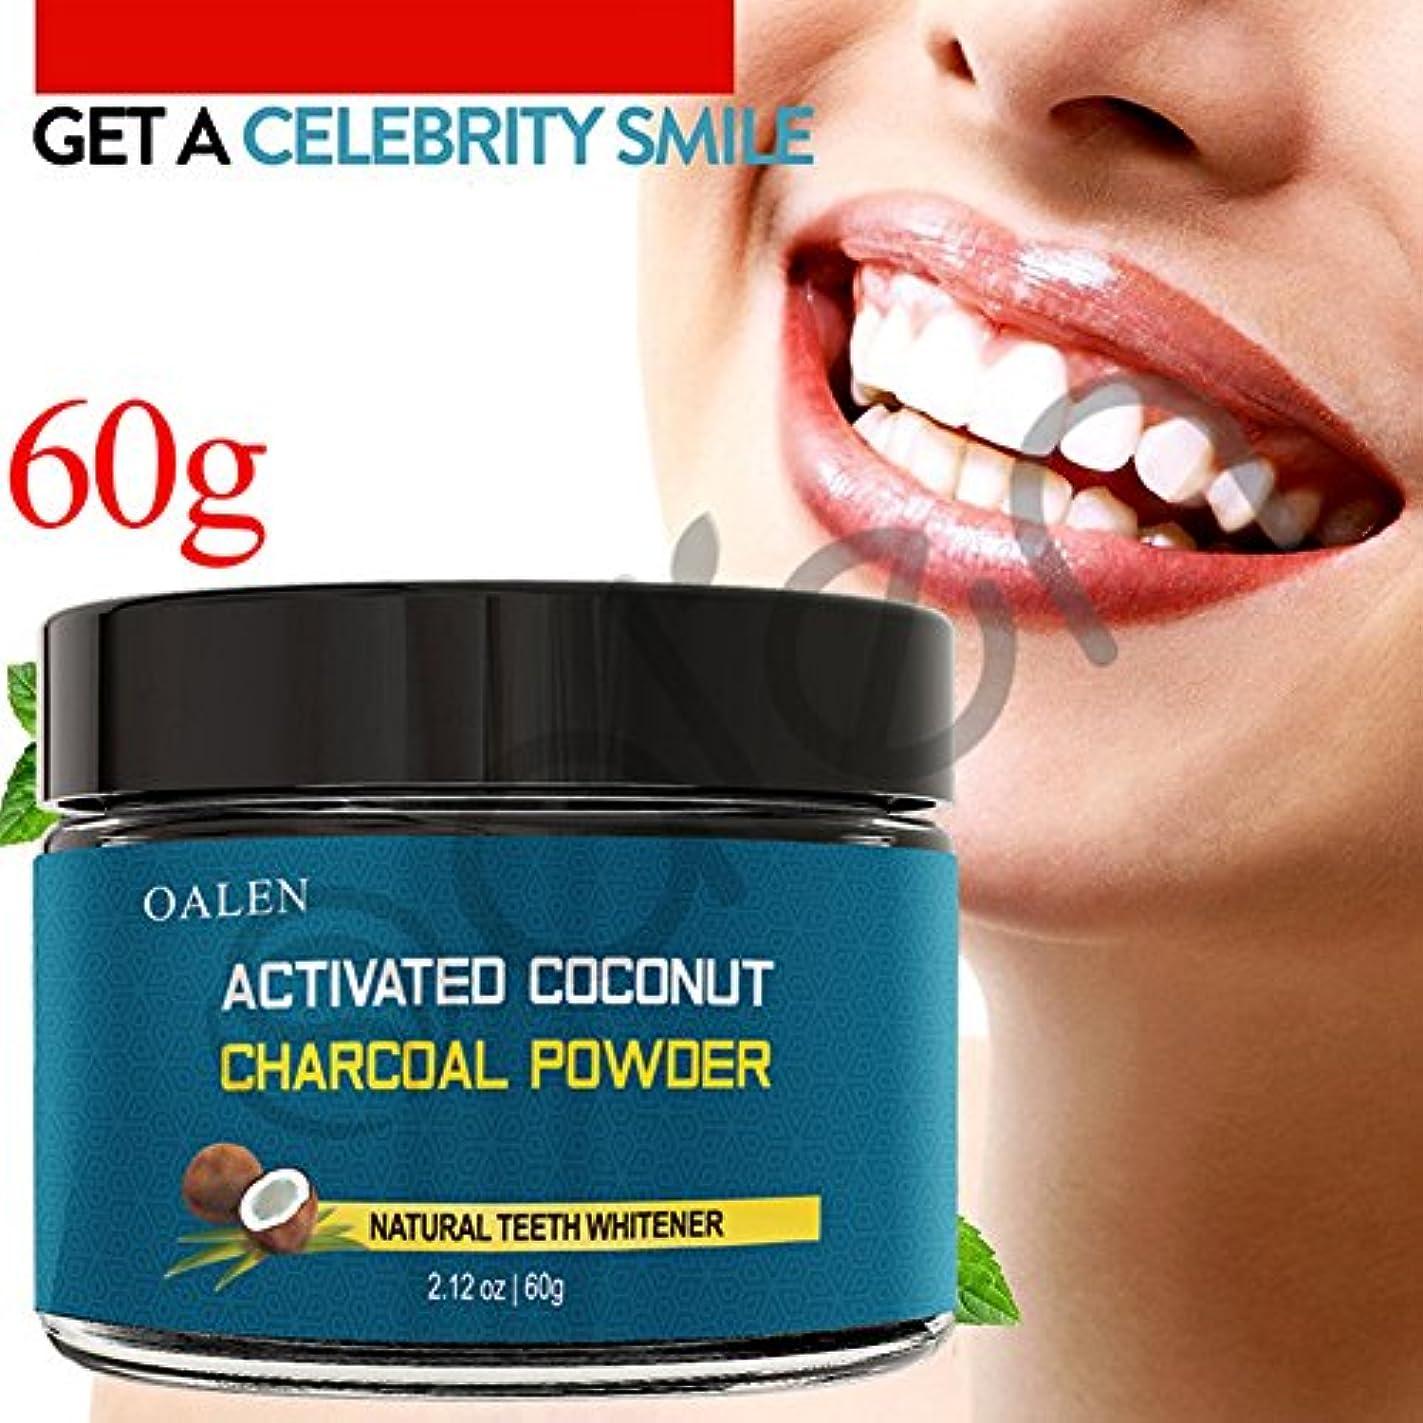 ゴージャススナップイタリアのLiebeye 歯 ホワイトニング パウダー グラム 天然活性 ココナッツチャコール 歯ホワイトナー 60g